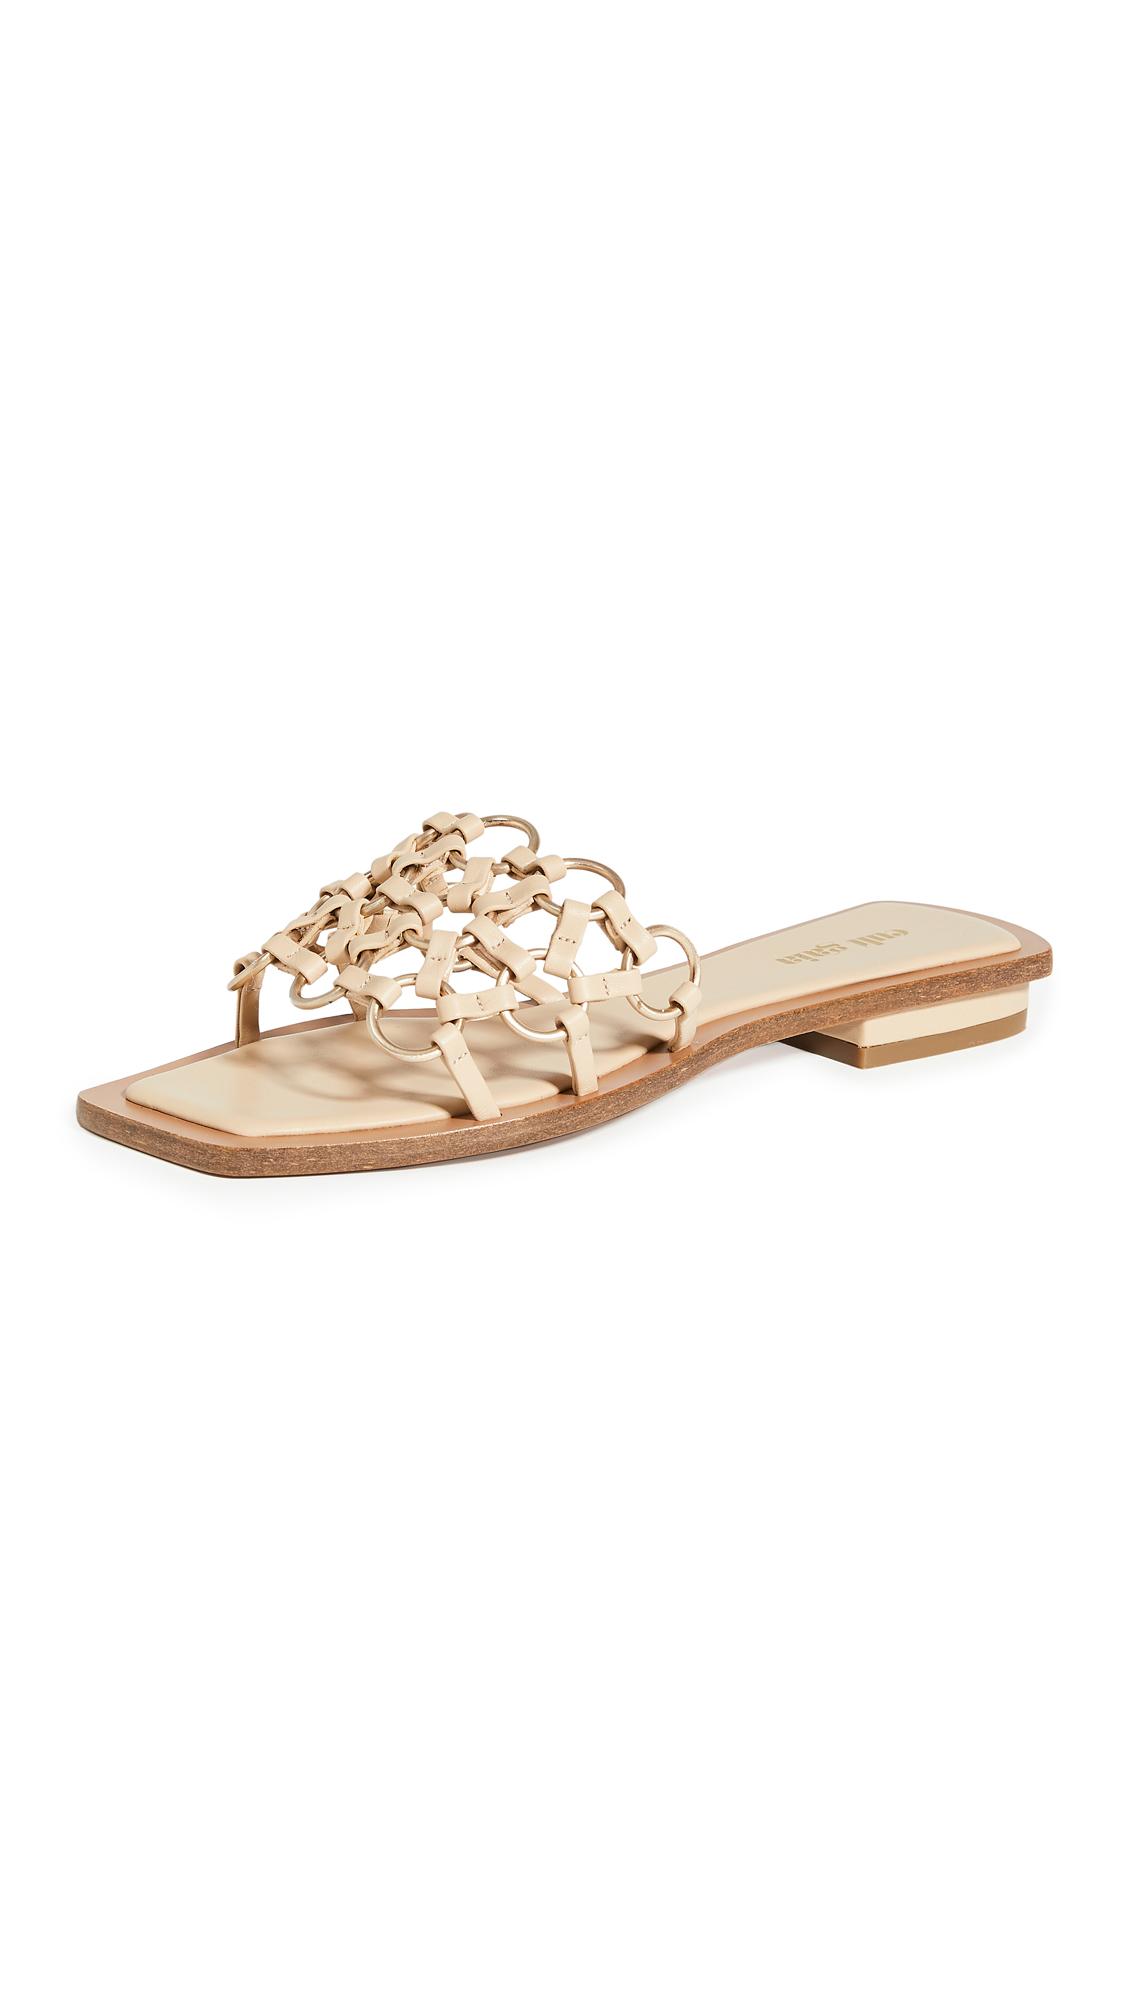 Buy Cult Gaia Bea Sandals online, shop Cult Gaia